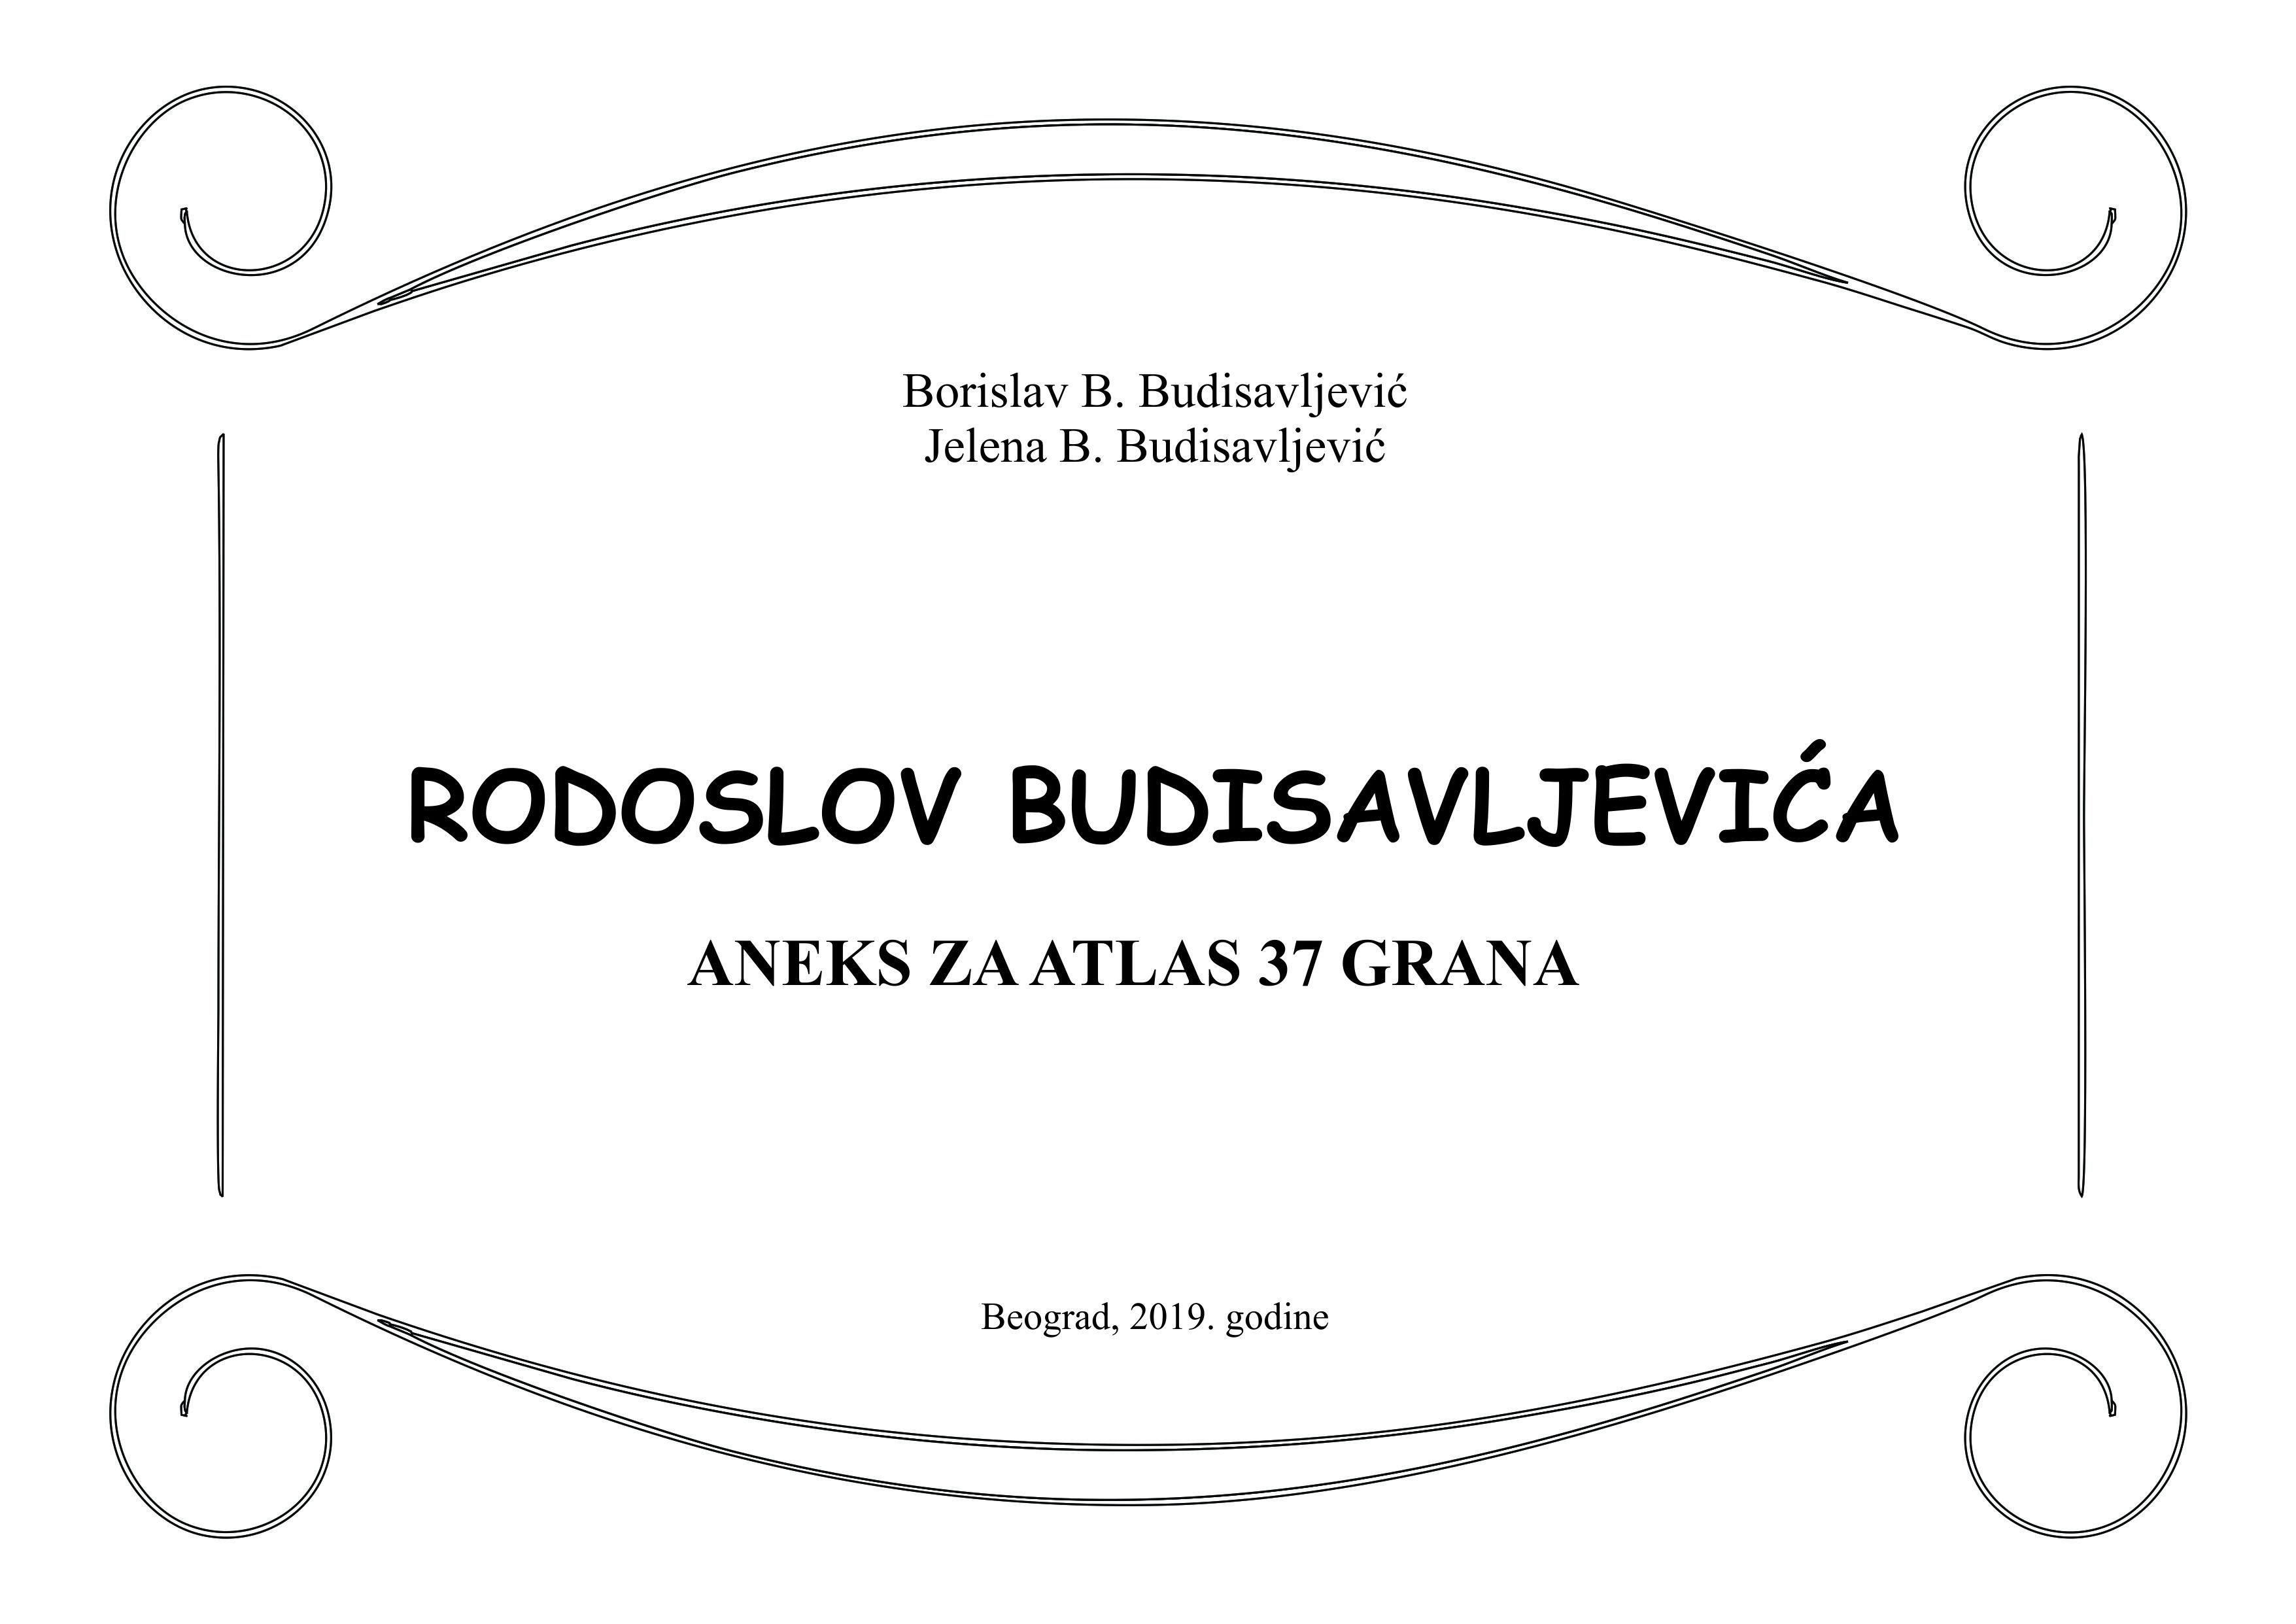 Aneks za Atlas 37 grana Budisavljevića